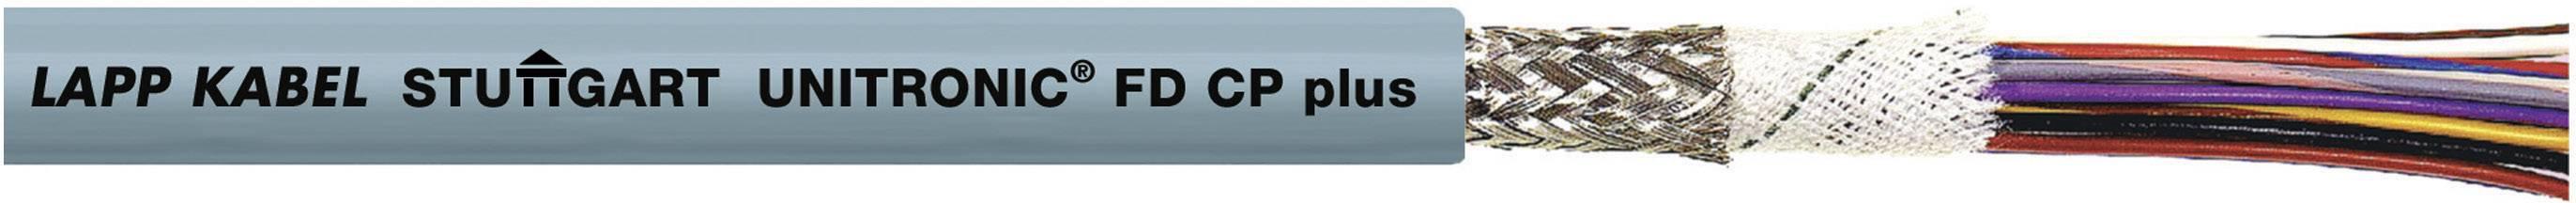 Datový kabel LappKabel UNITRONIC FD CP PLUS 5X0,25 (0028892), 5x 0,25 mm², Ø 5,9 mm, stíněný, 300 m, šedá